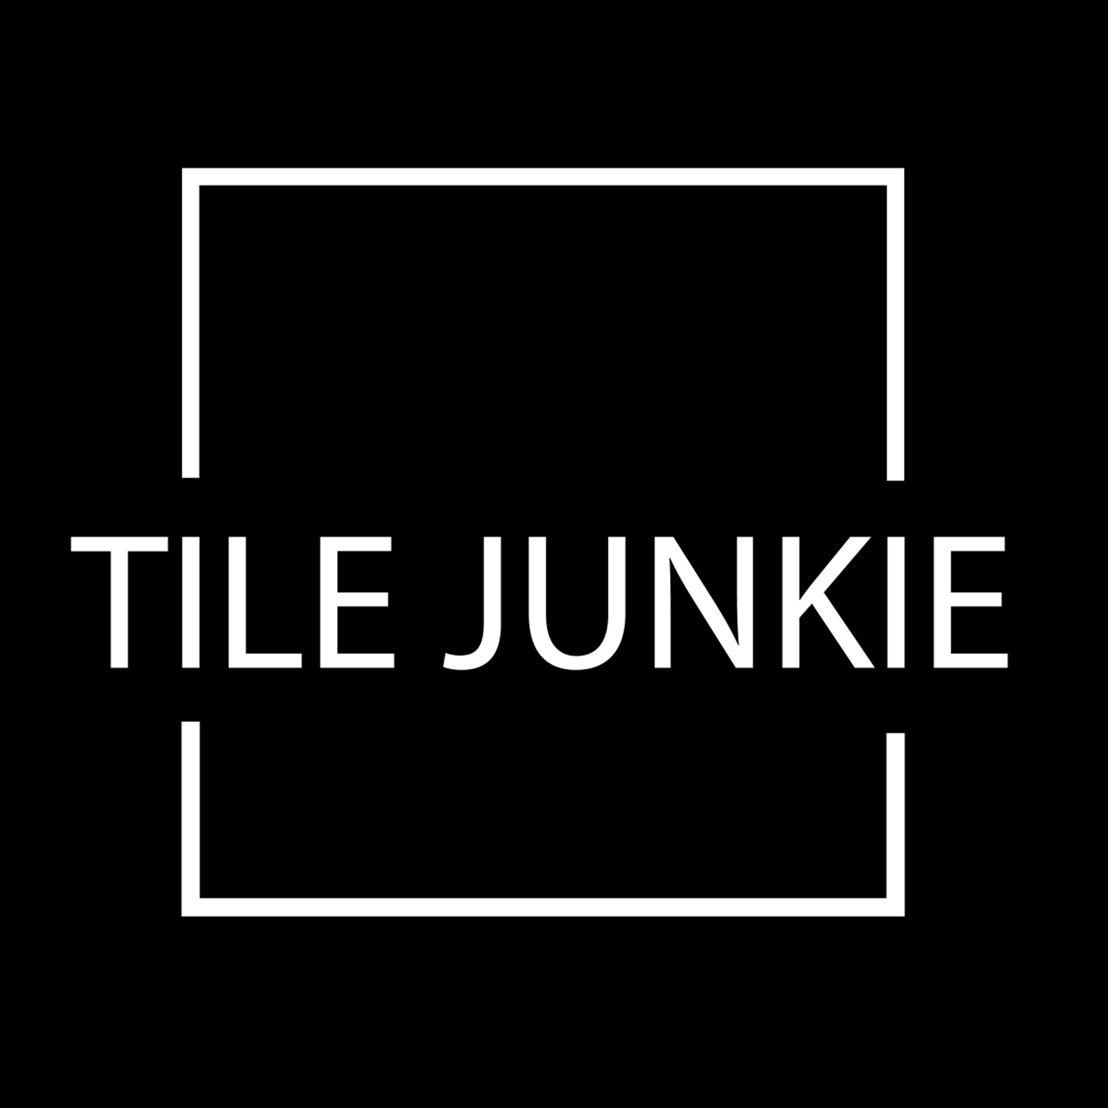 Tile Junkie